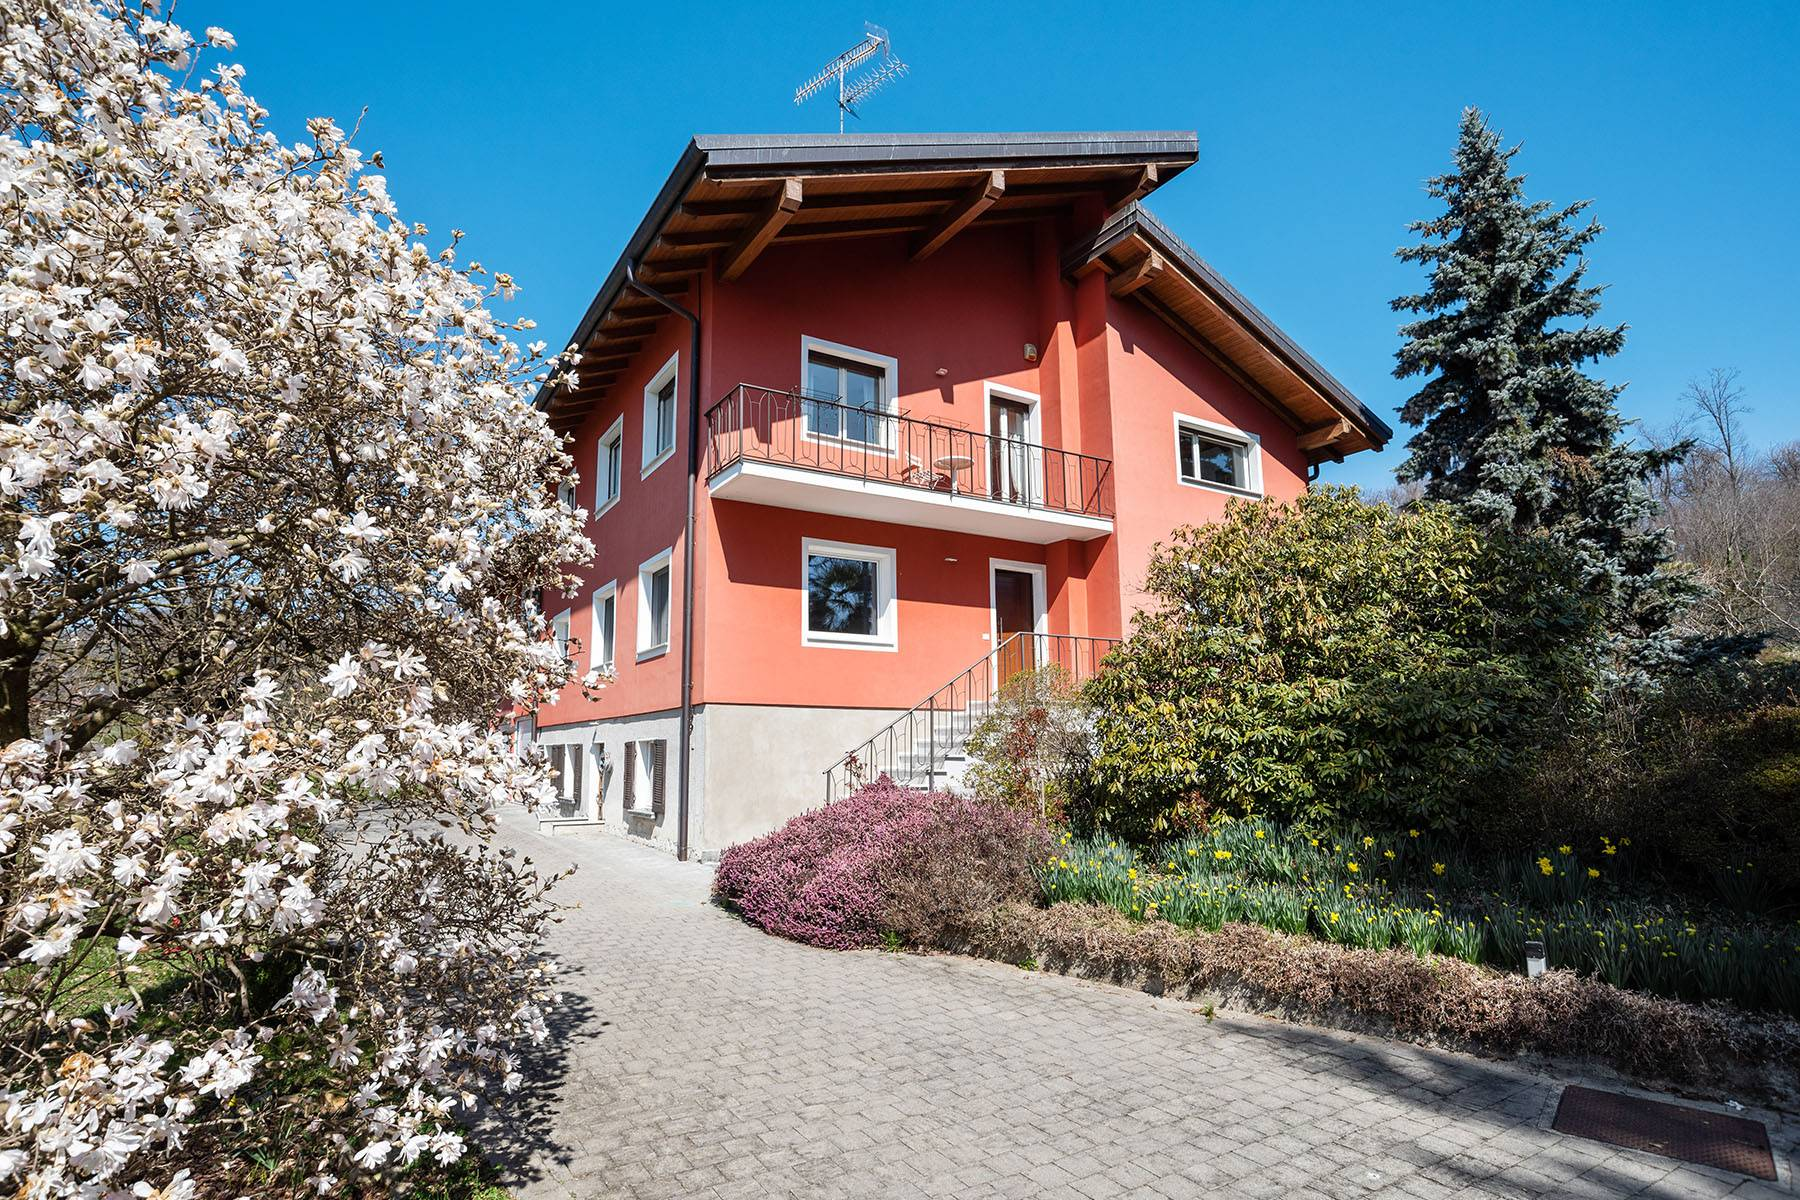 Villa in Vendita a Bolzano Novarese via bercolo